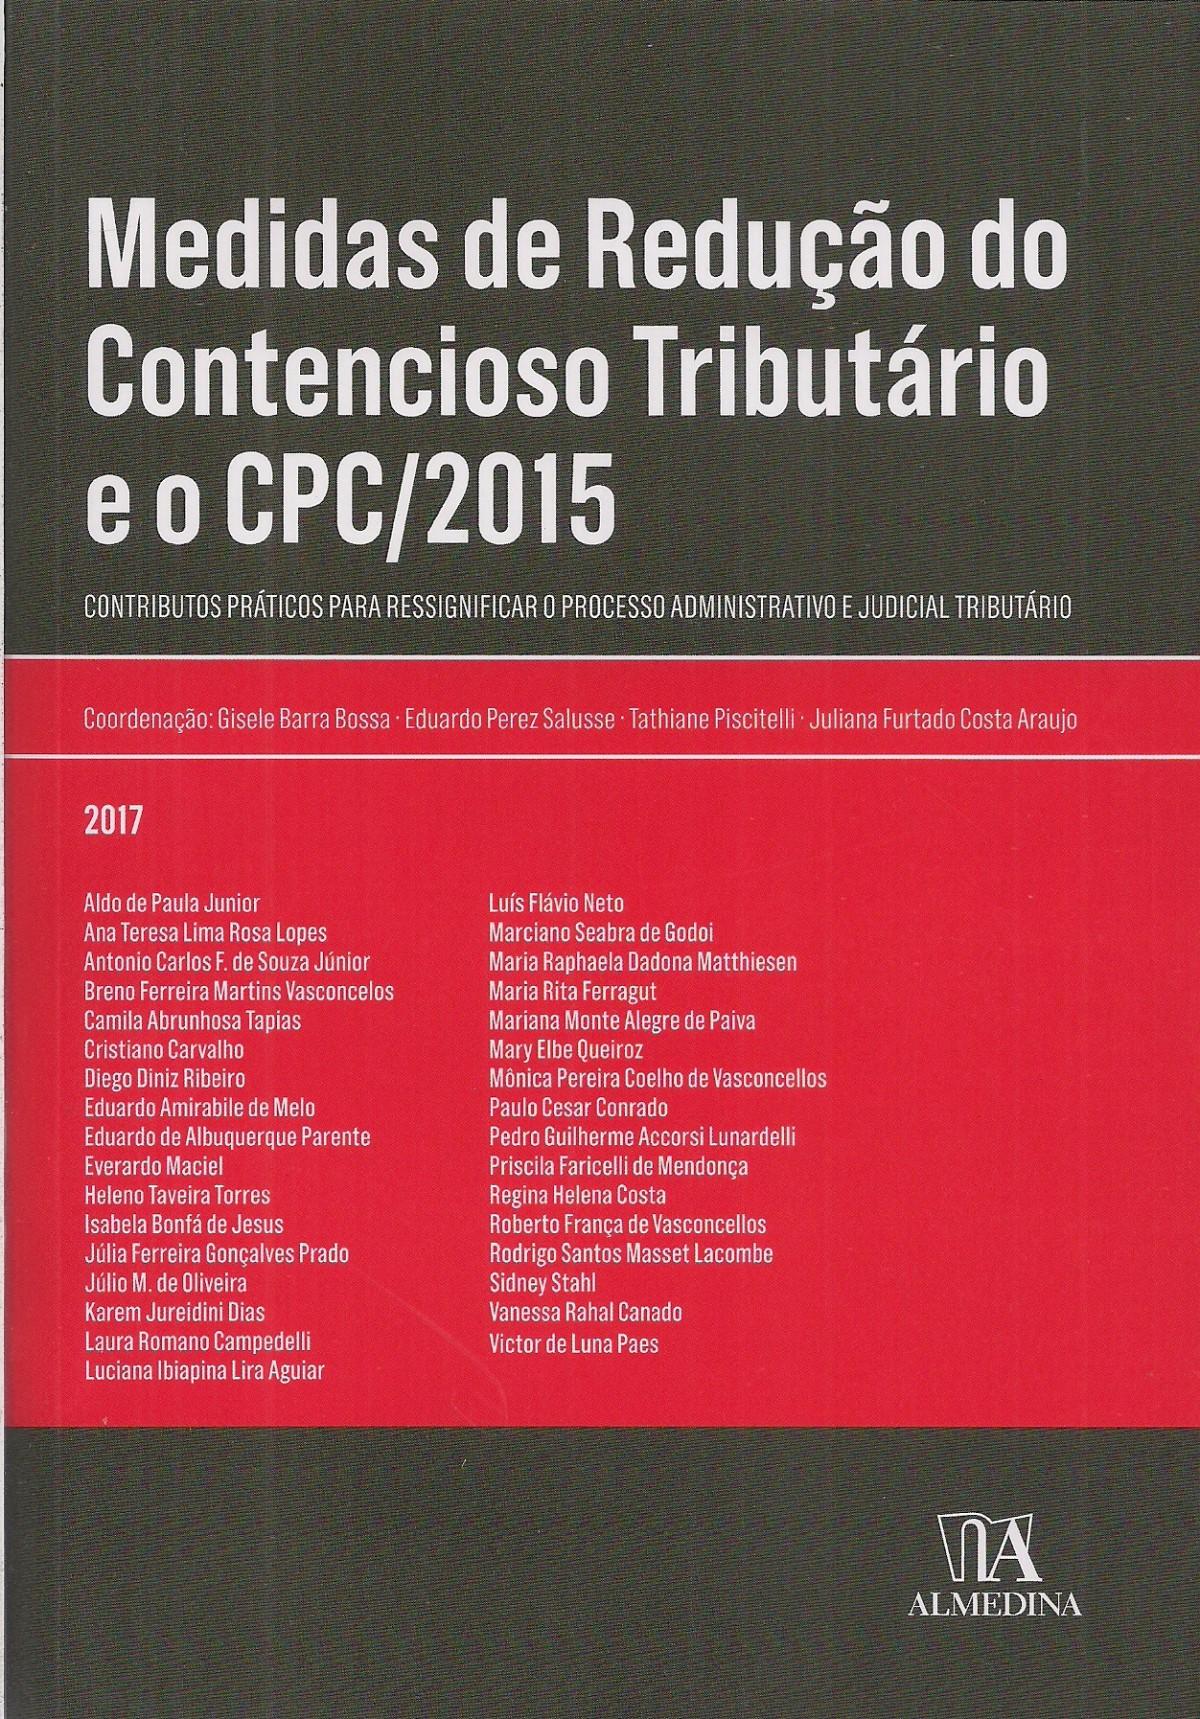 Foto 1 - Medidas de Redução do Contencioso Tributário e o CPC/2015